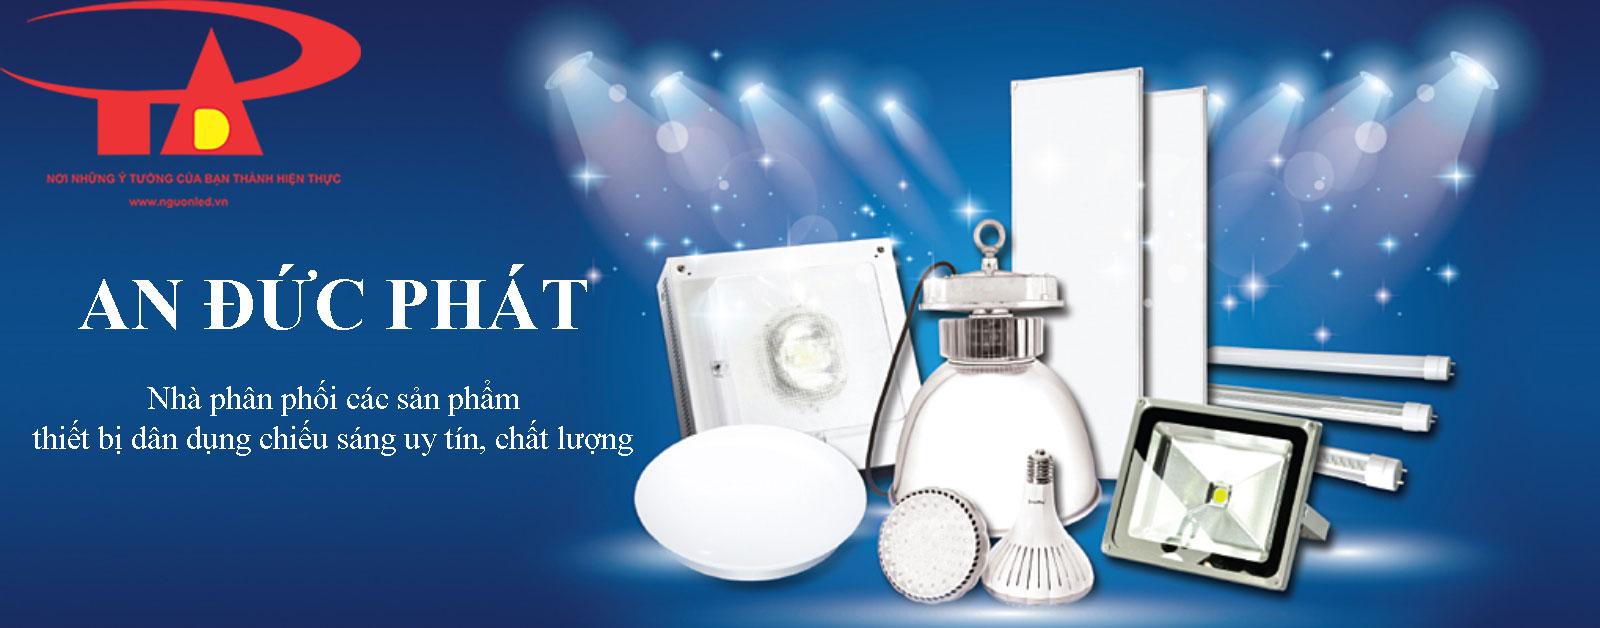 công ty phân phối thiết bị chiếu sáng dân dụng và công trình An Đức Phát